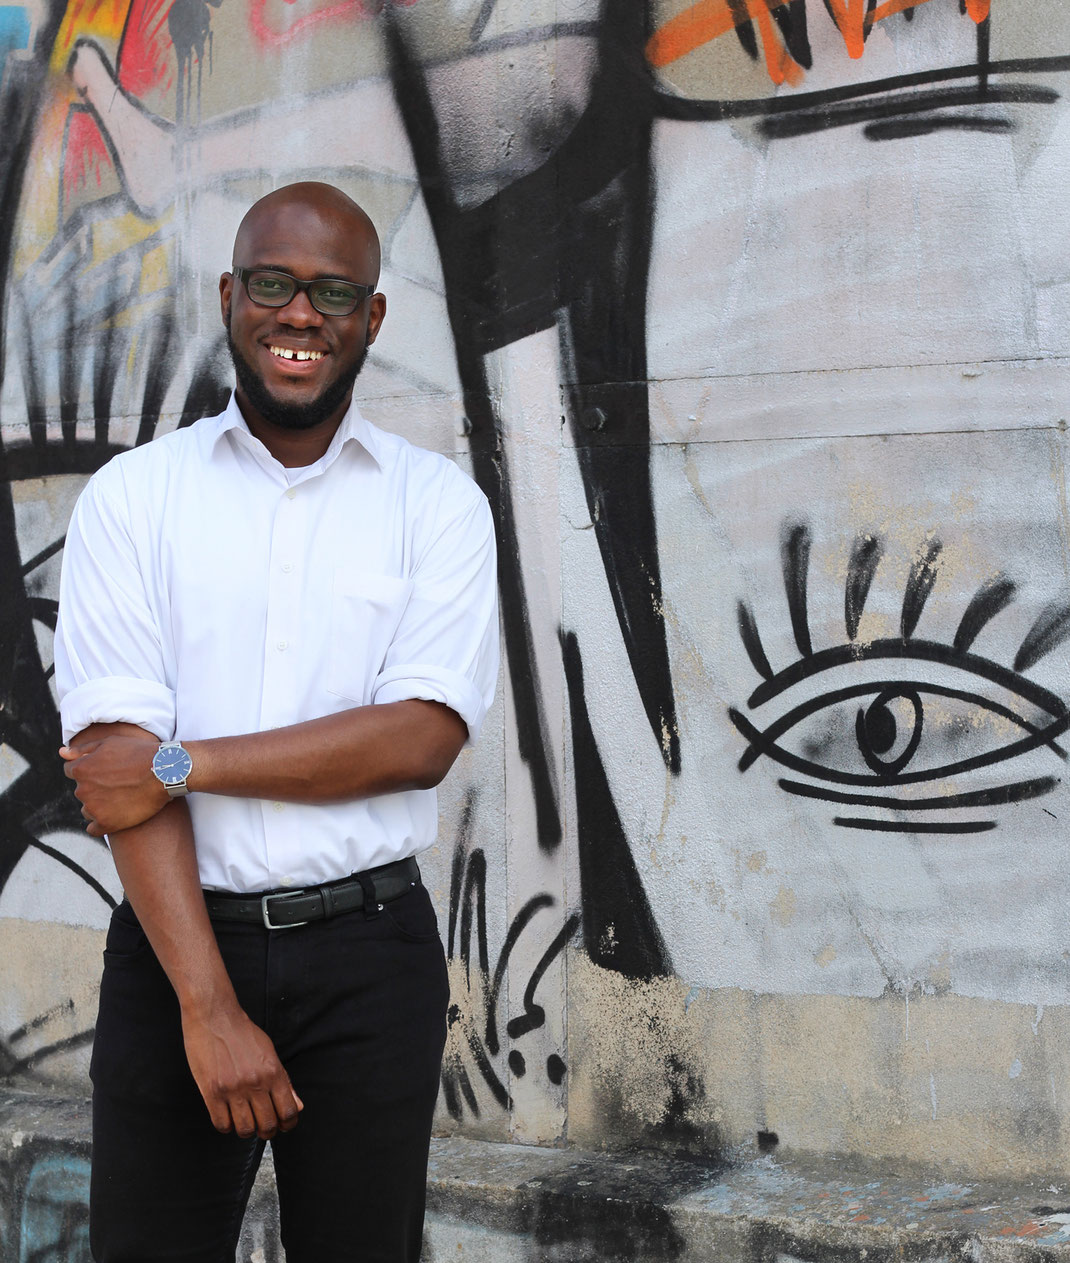 Ein Active Citizen in der Nachbarschaft: Kofi Boachie-Danquah